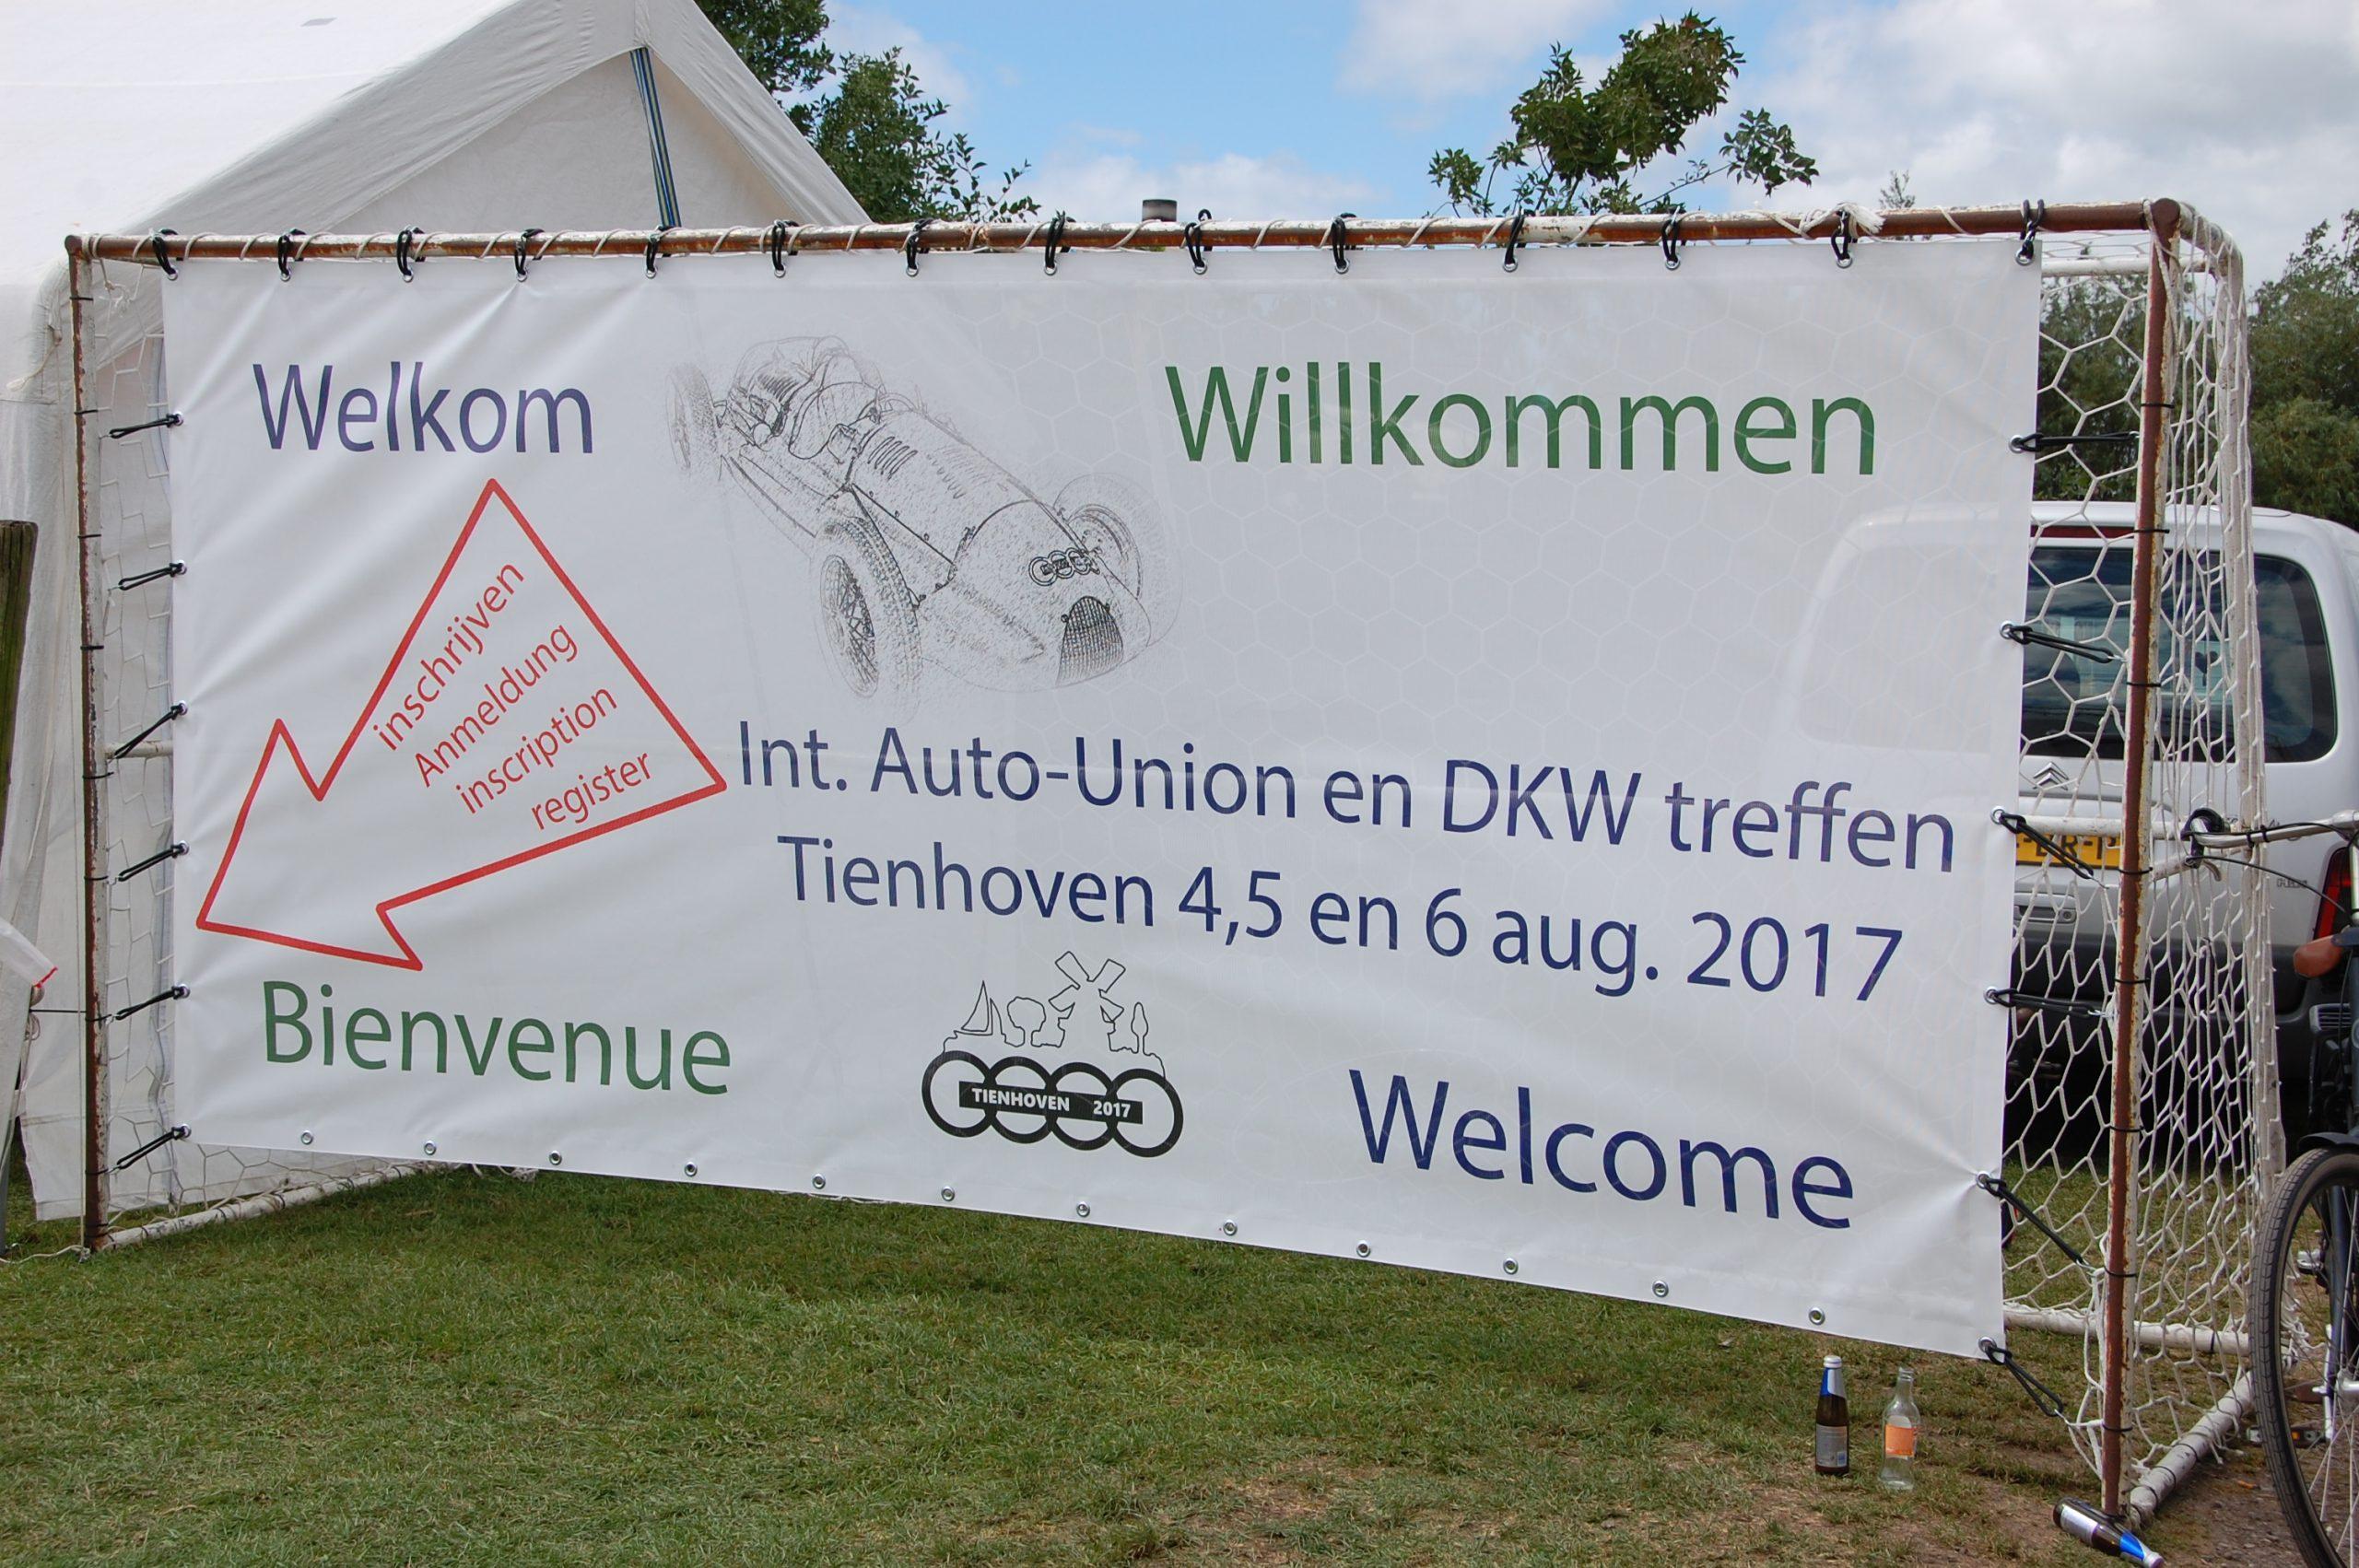 Tienhoven 2017